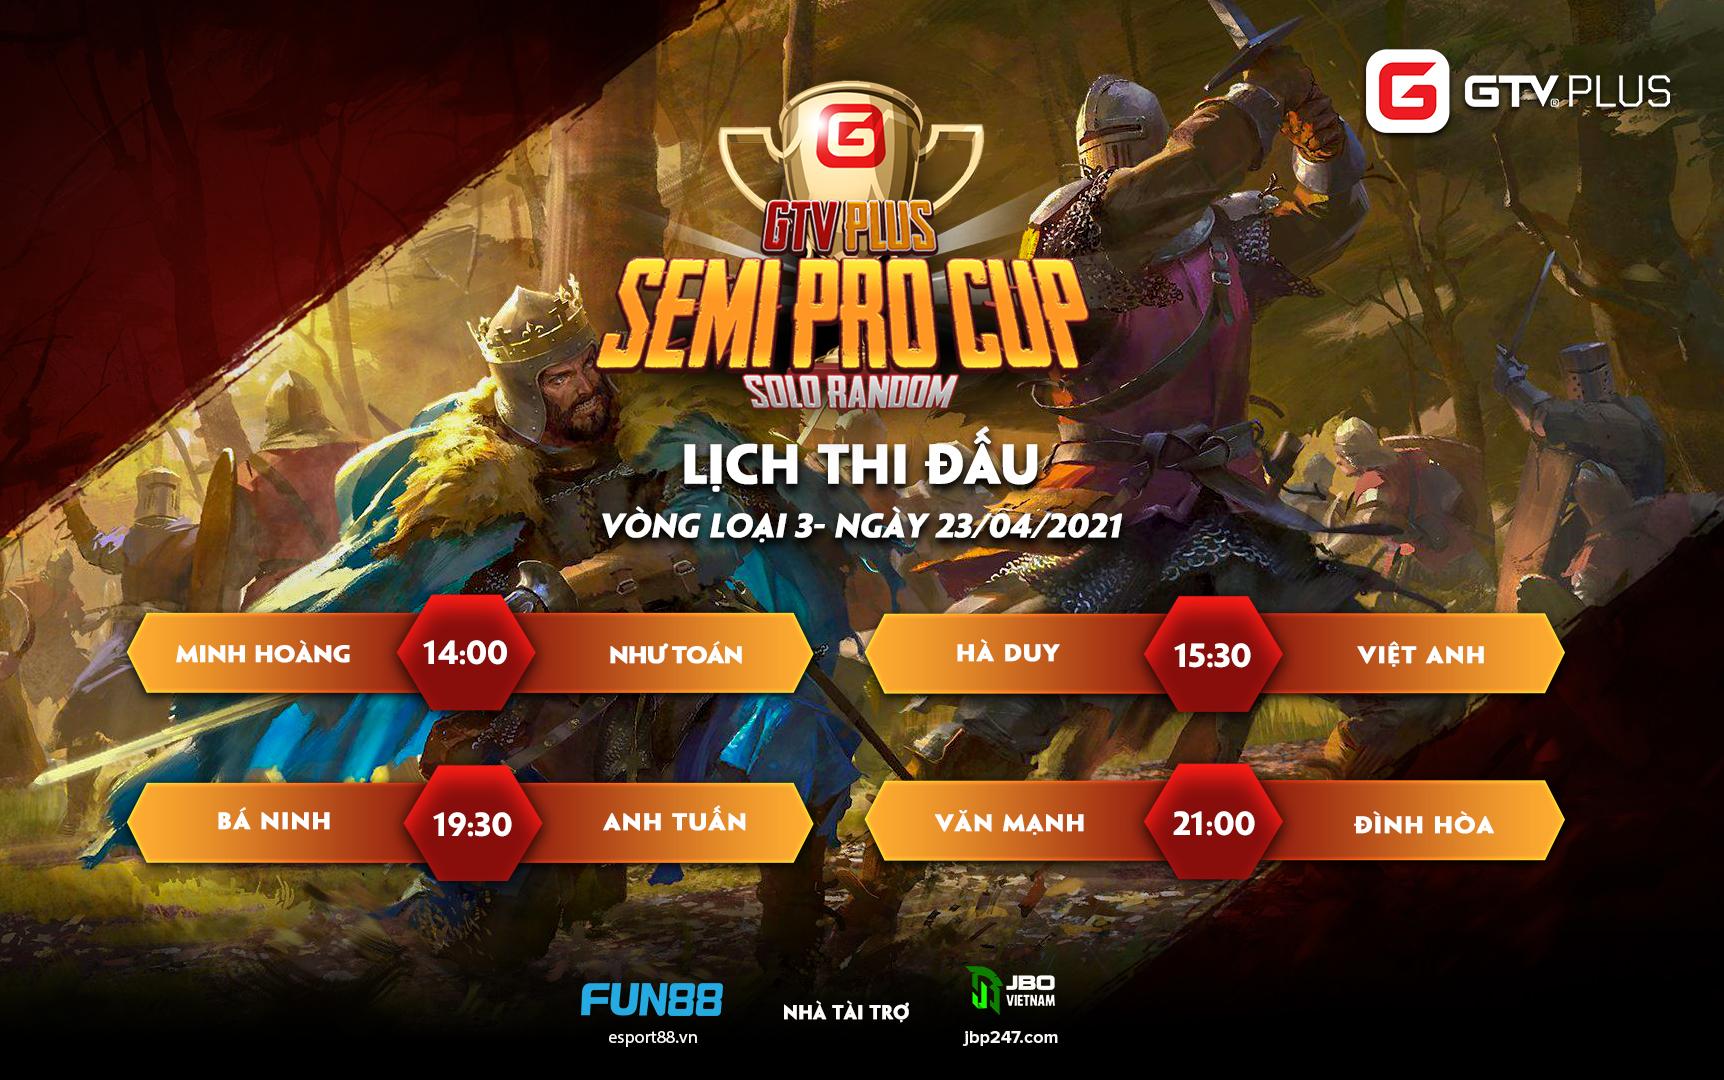 Lịch thi đấu ngày thi đấu ngày 23 tháng 4 Giải đấu GTV Semi Pro Cup 2021